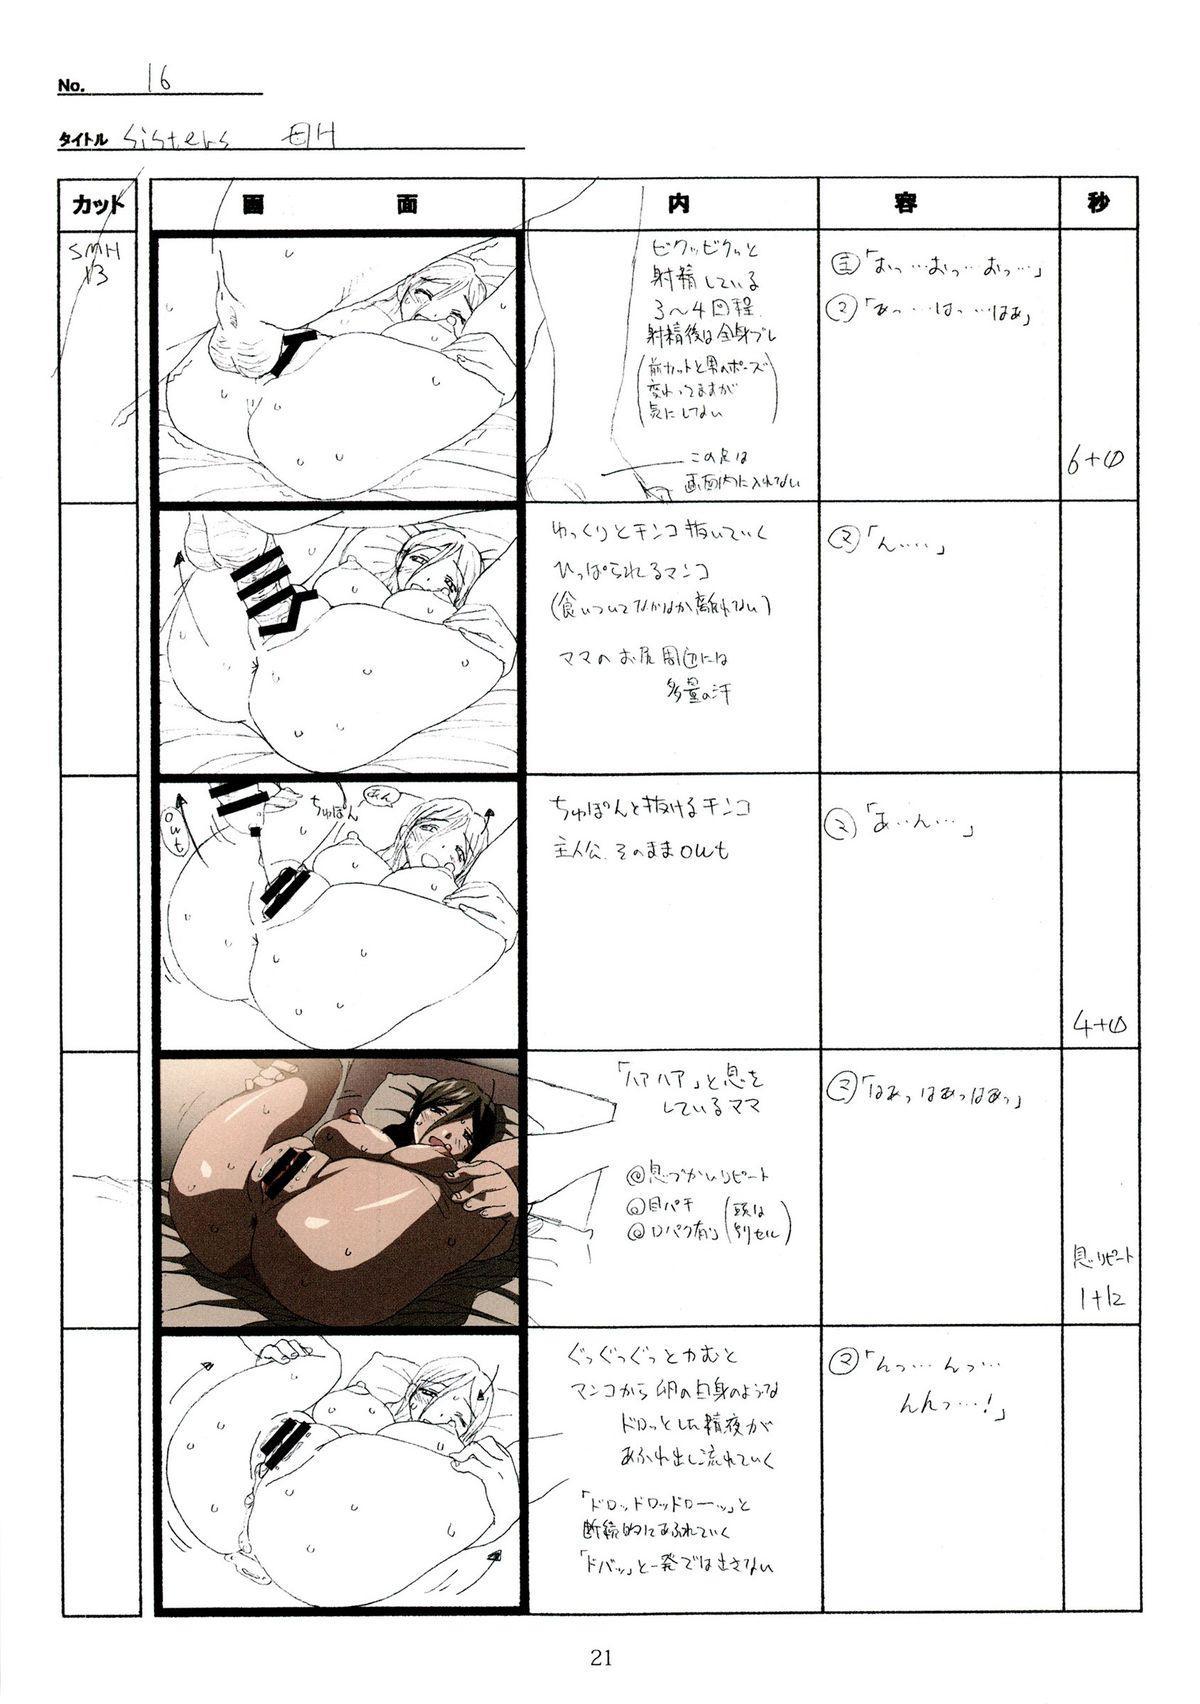 (C89) [Makino Jimusho (Taki Minashika)] SISTERS -Natsu no Saigo no Hi- H Scene All Part Storyboard (SISTERS -Natsu no Saigo no Hi-) 20